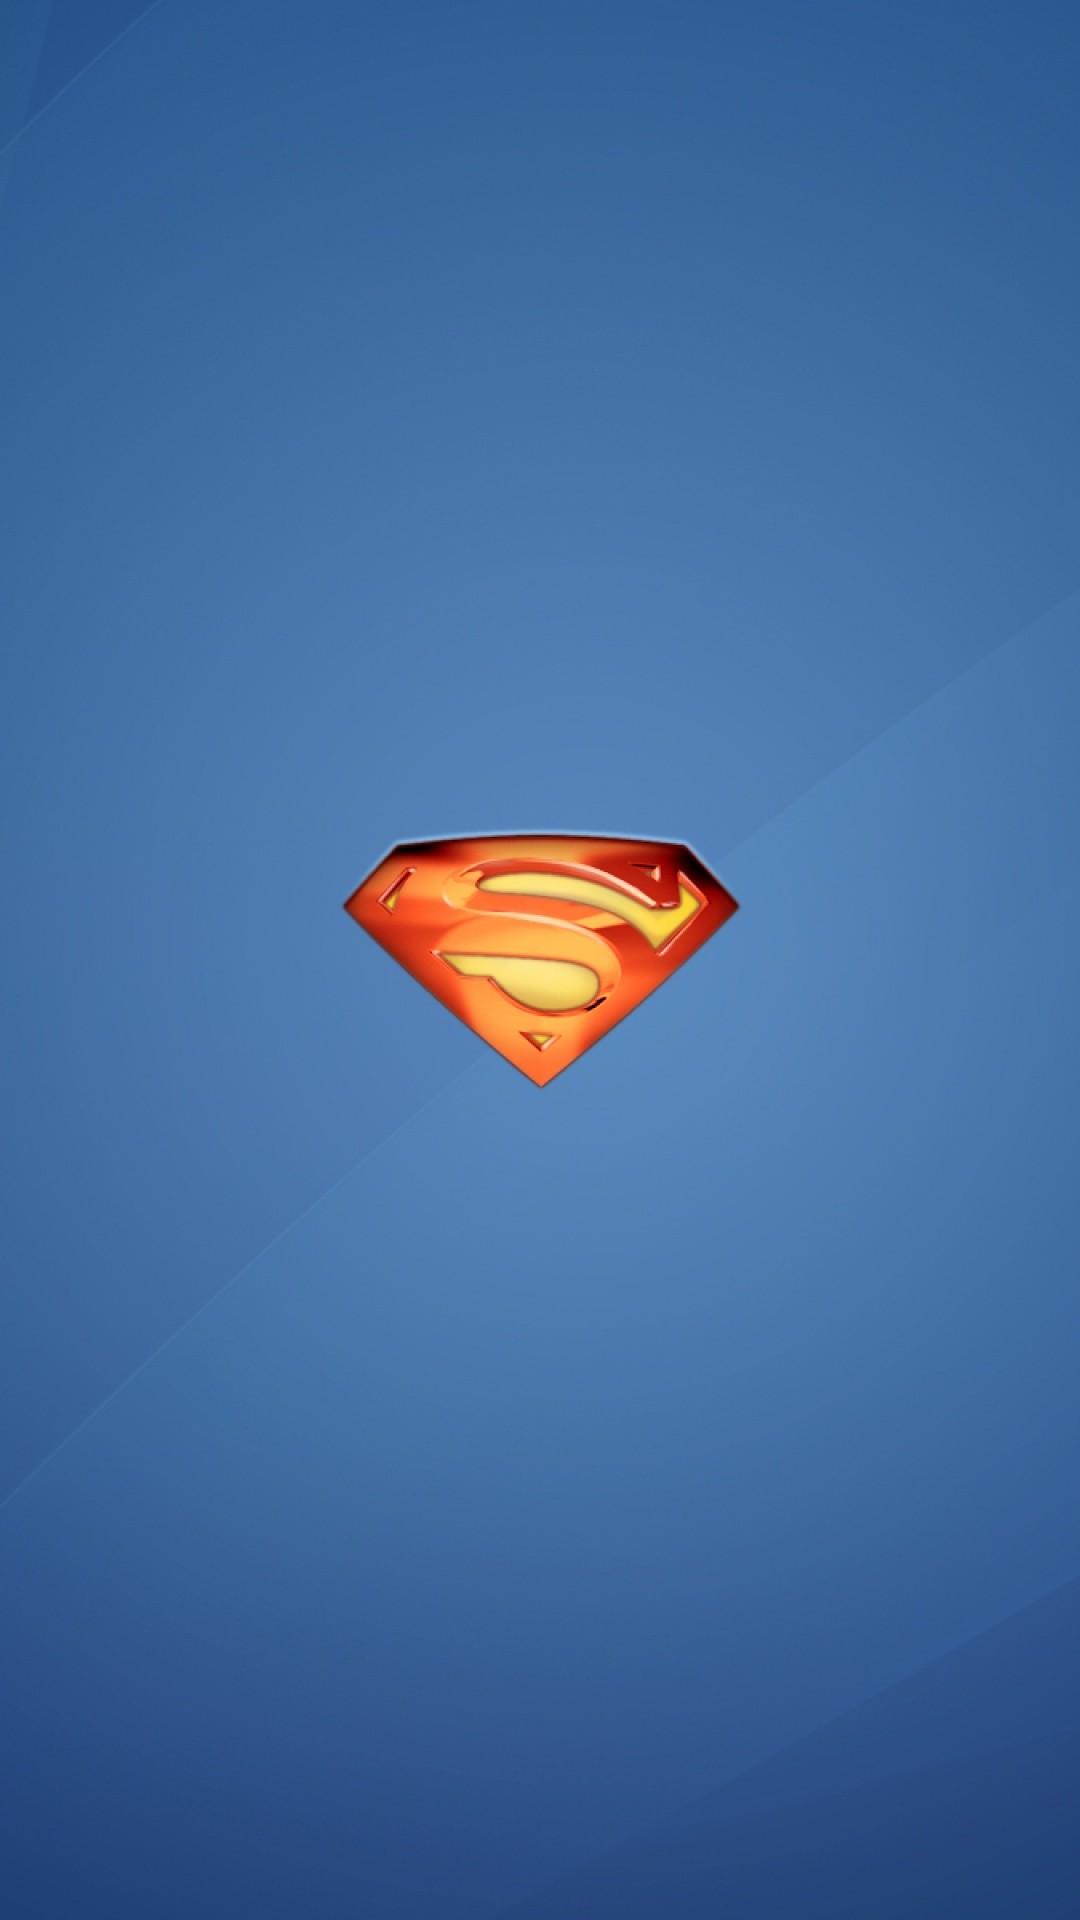 スーパーマン Logo 洋画の壁紙 | iPhone7, スマホ壁紙/待受画像ギャラリー